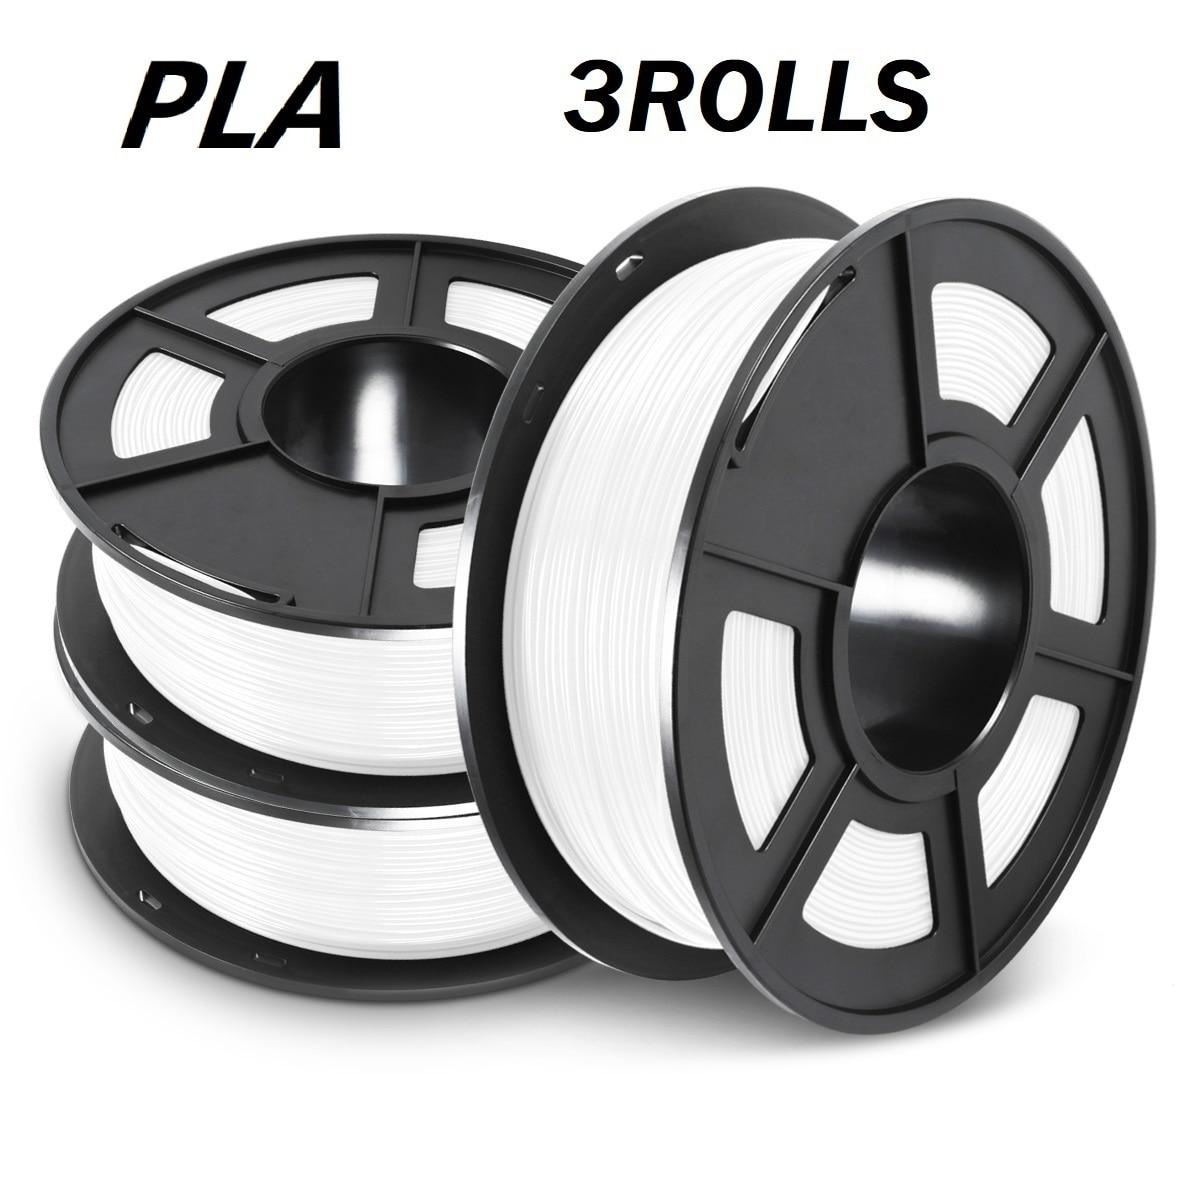 Enotepad PLA Filament 1.75mm 1kg 3d Printing Materials Multi colors For Choose Plastic PLA 3d Filament Fast Shipping|3D Printing Materials|   - AliExpress